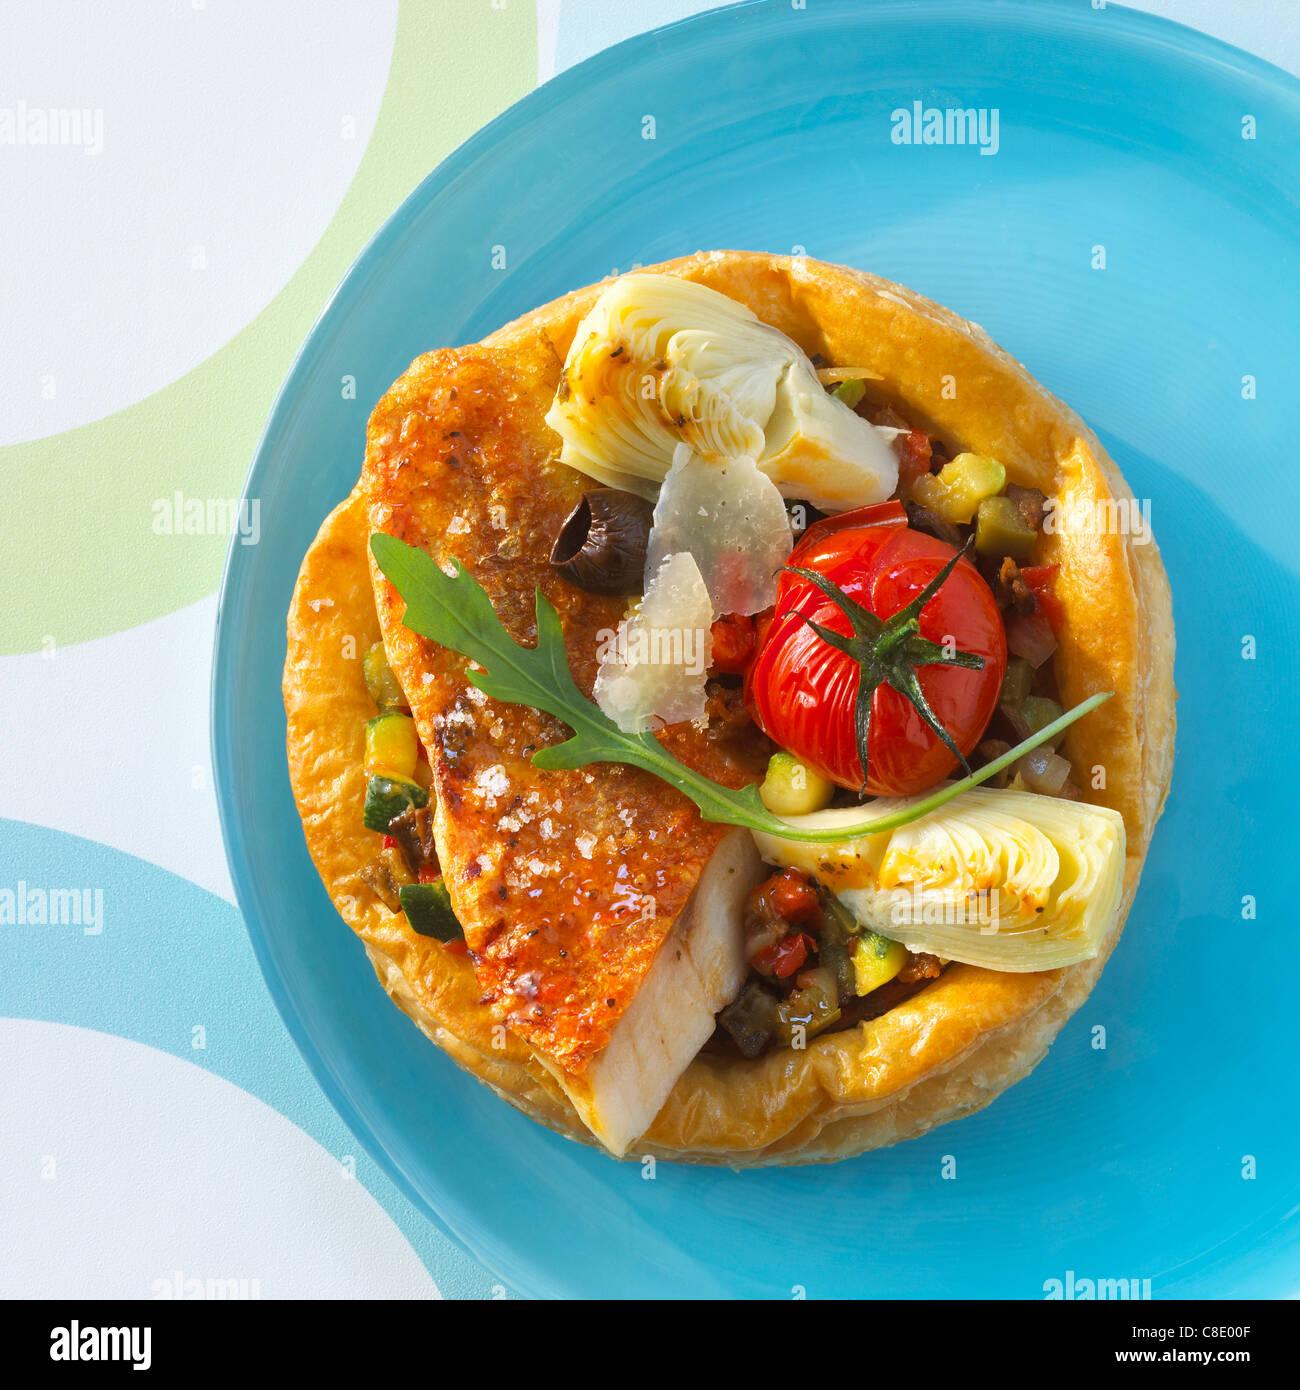 Salmonetes y verduras tarta de hojaldre delgado Imagen De Stock